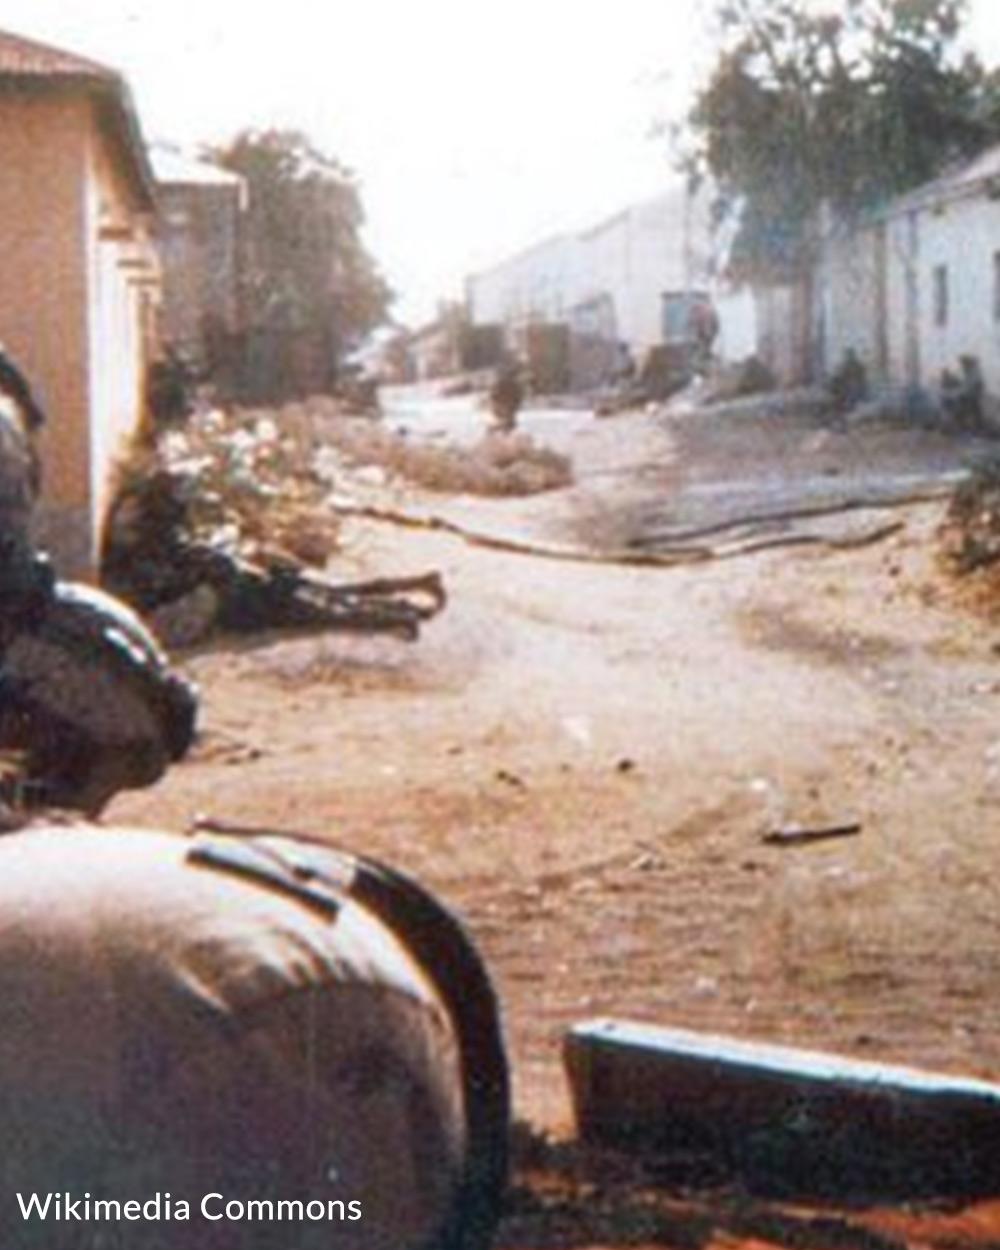 Members of Task Force Ranger under fire in Somalia.